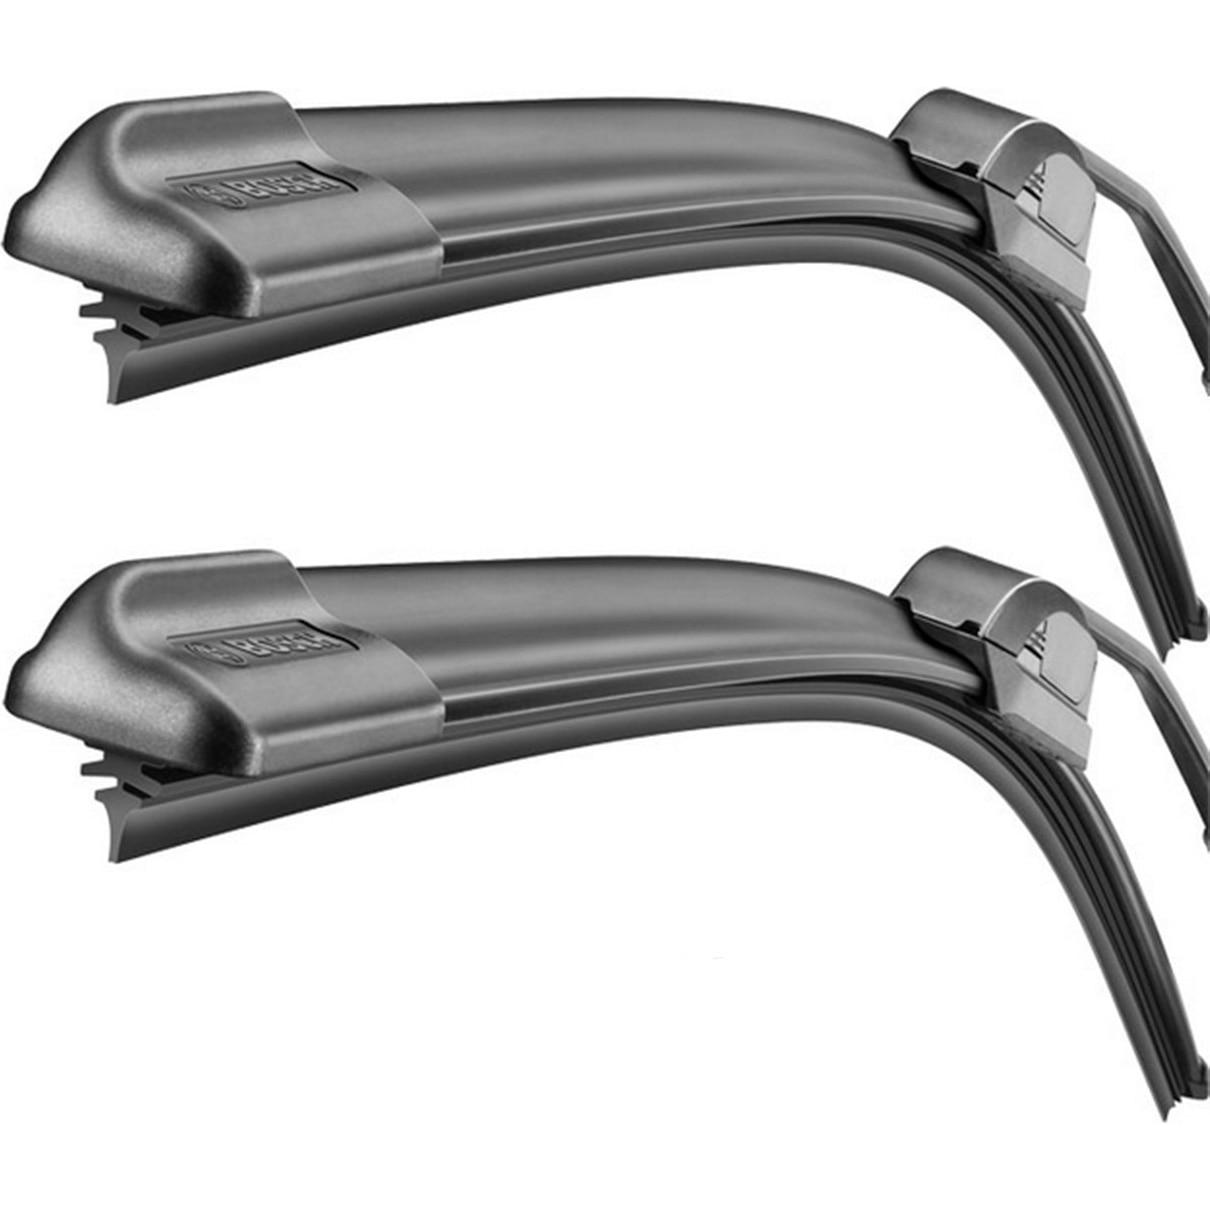 Fotografie Stergator Bosch AeroTwin Retrofit, pentru parbriz 65 cm, pentru prindere clasica (carlig)